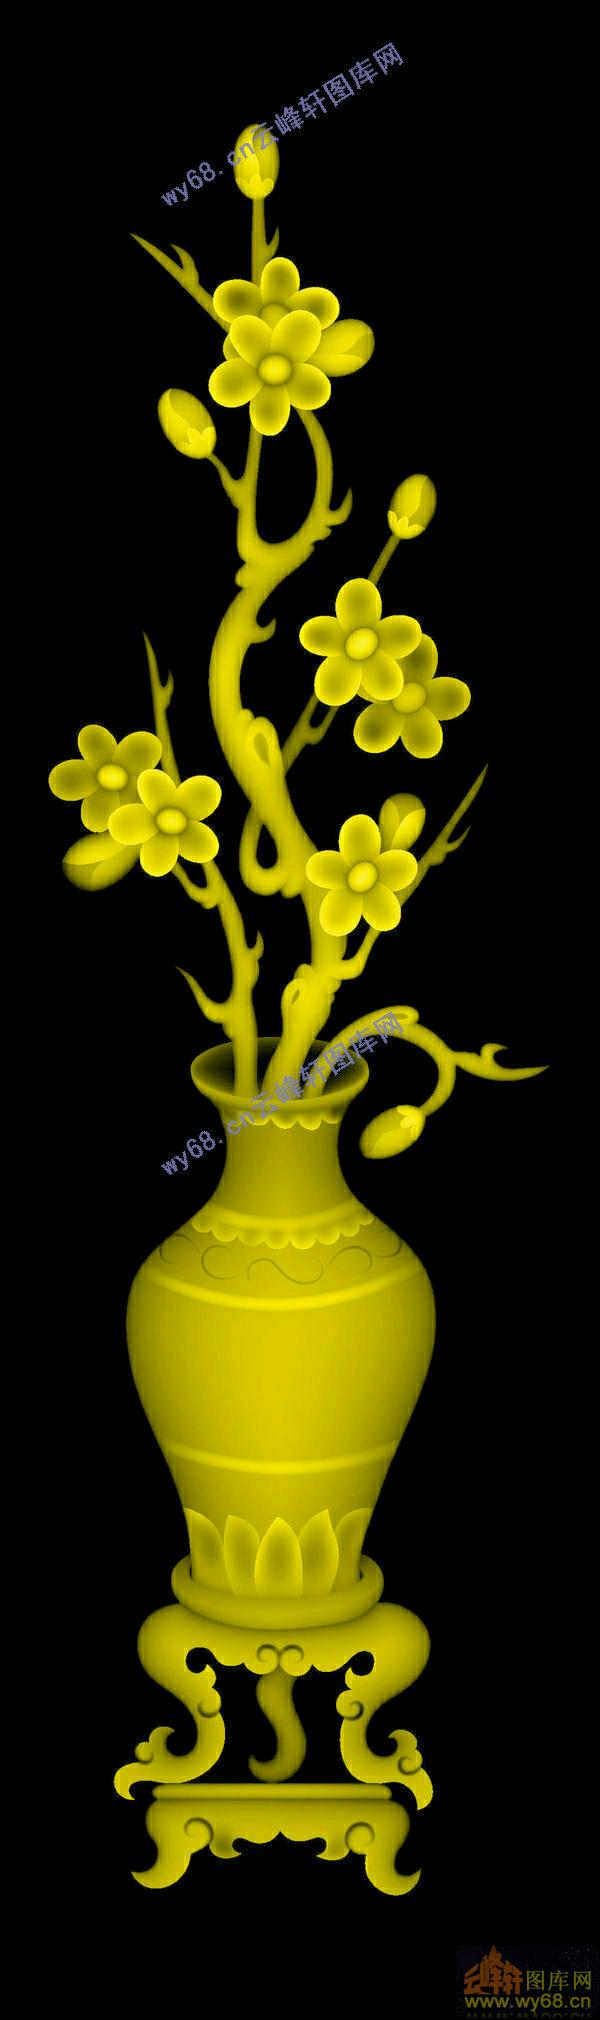 花瓶 梅花 图片展示